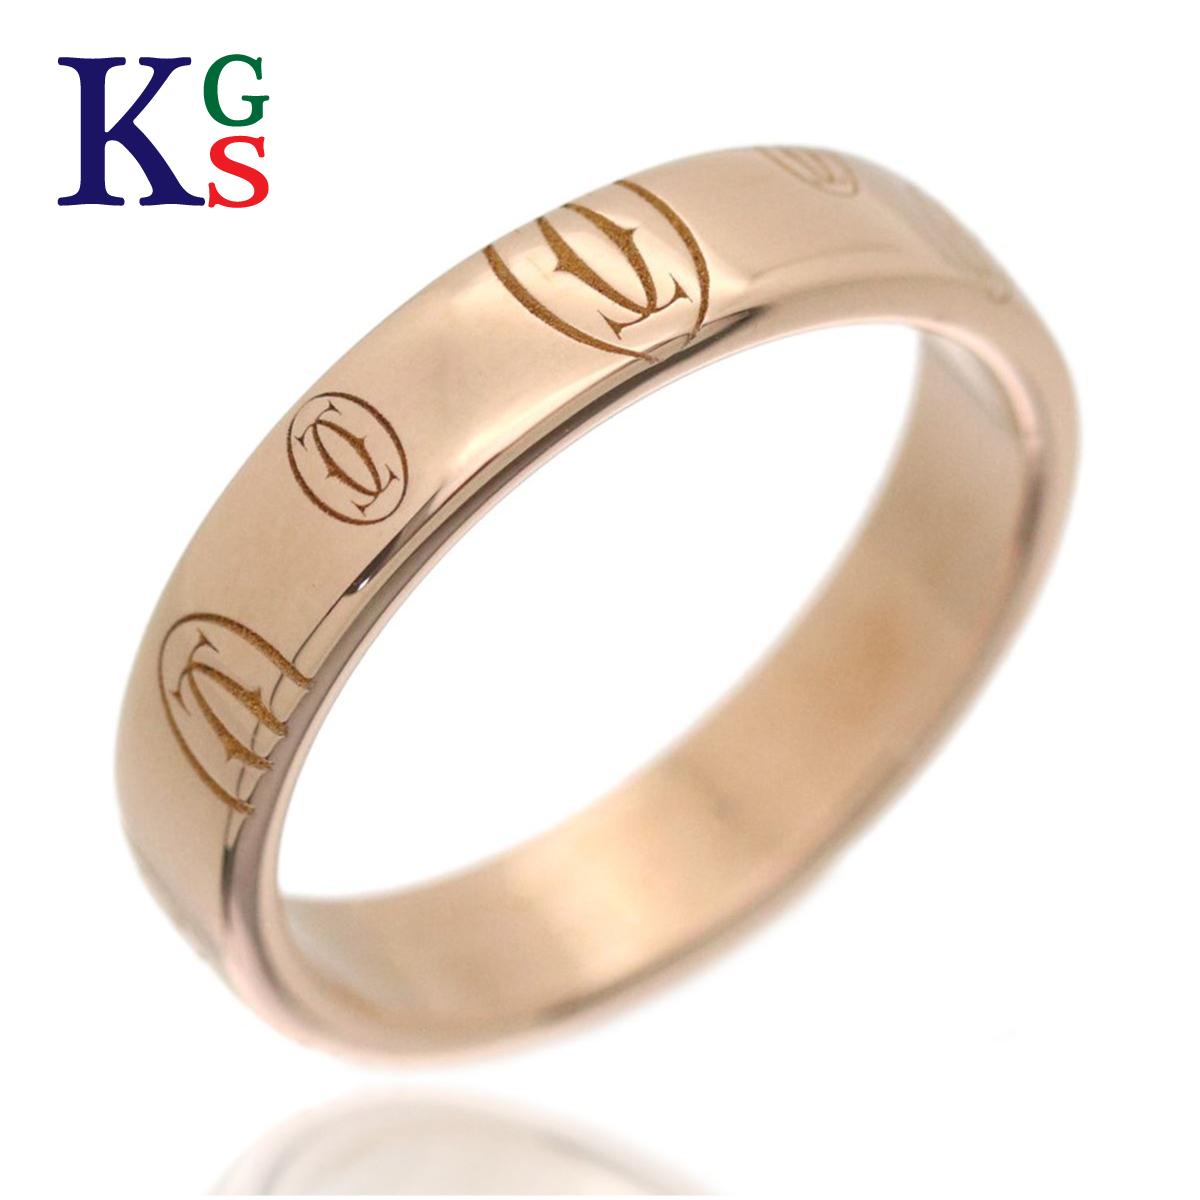 【ギフト品質】【名入れ】カルティエ/Cartier リング 指輪 レディース ピンクゴールド / ハッピーバースデー ロゴリング K18PG / ジュエリー Happybirthday カルチェ B4051100